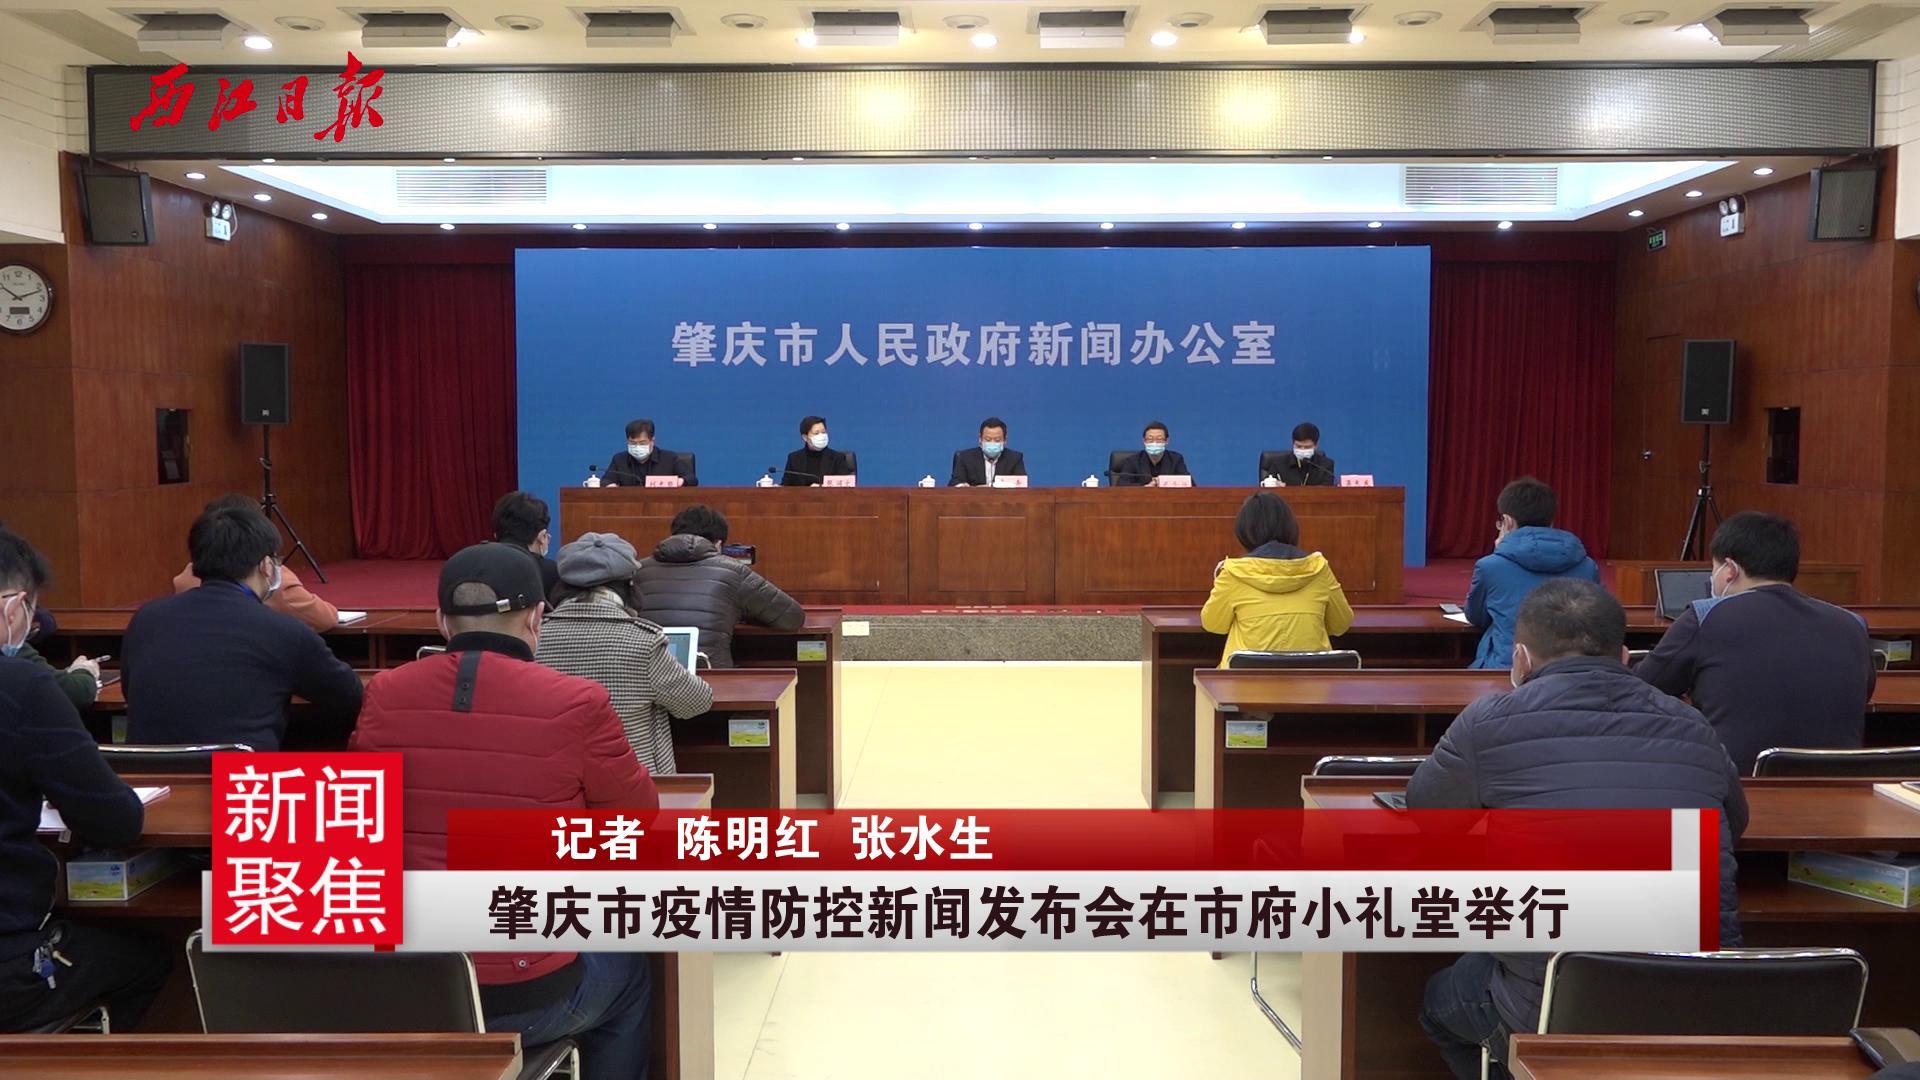 肇庆市疫情防控新闻发布会在市府小礼堂举行